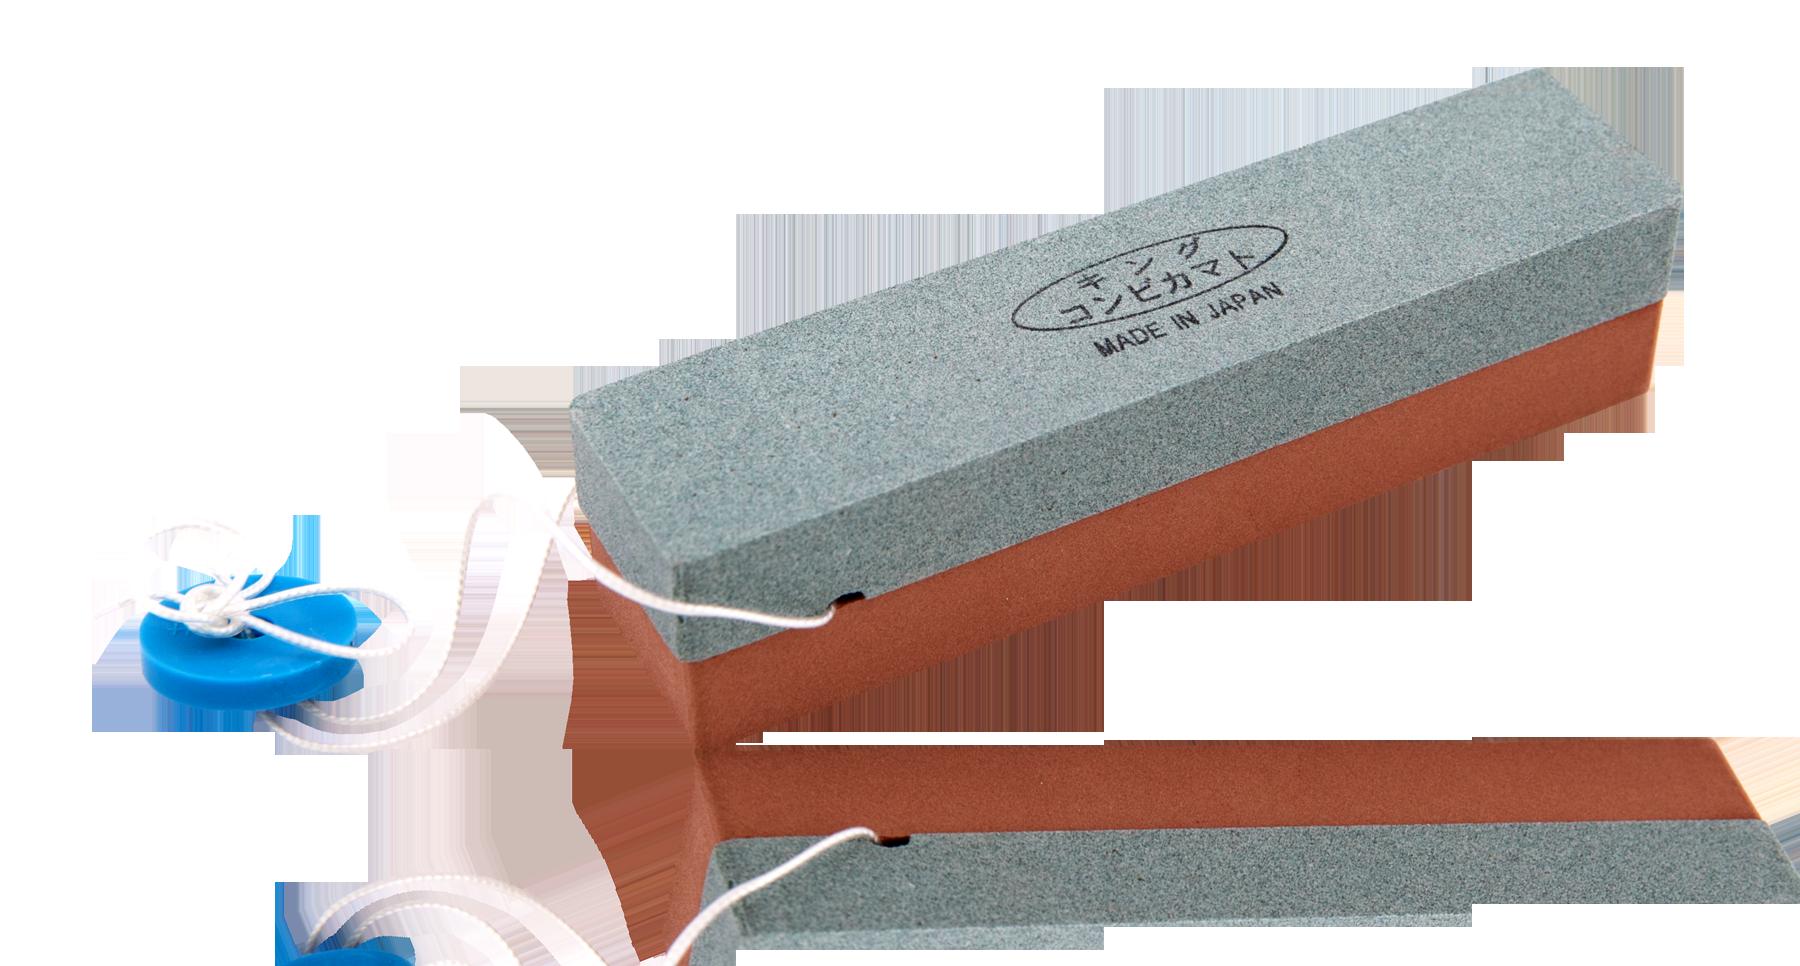 Камень точильный водный комбинированный 135*30*30мм грубый/средний компактный #250/#1000, King камень точильный водный 176 52 15мм средний с подставкой 1000 king